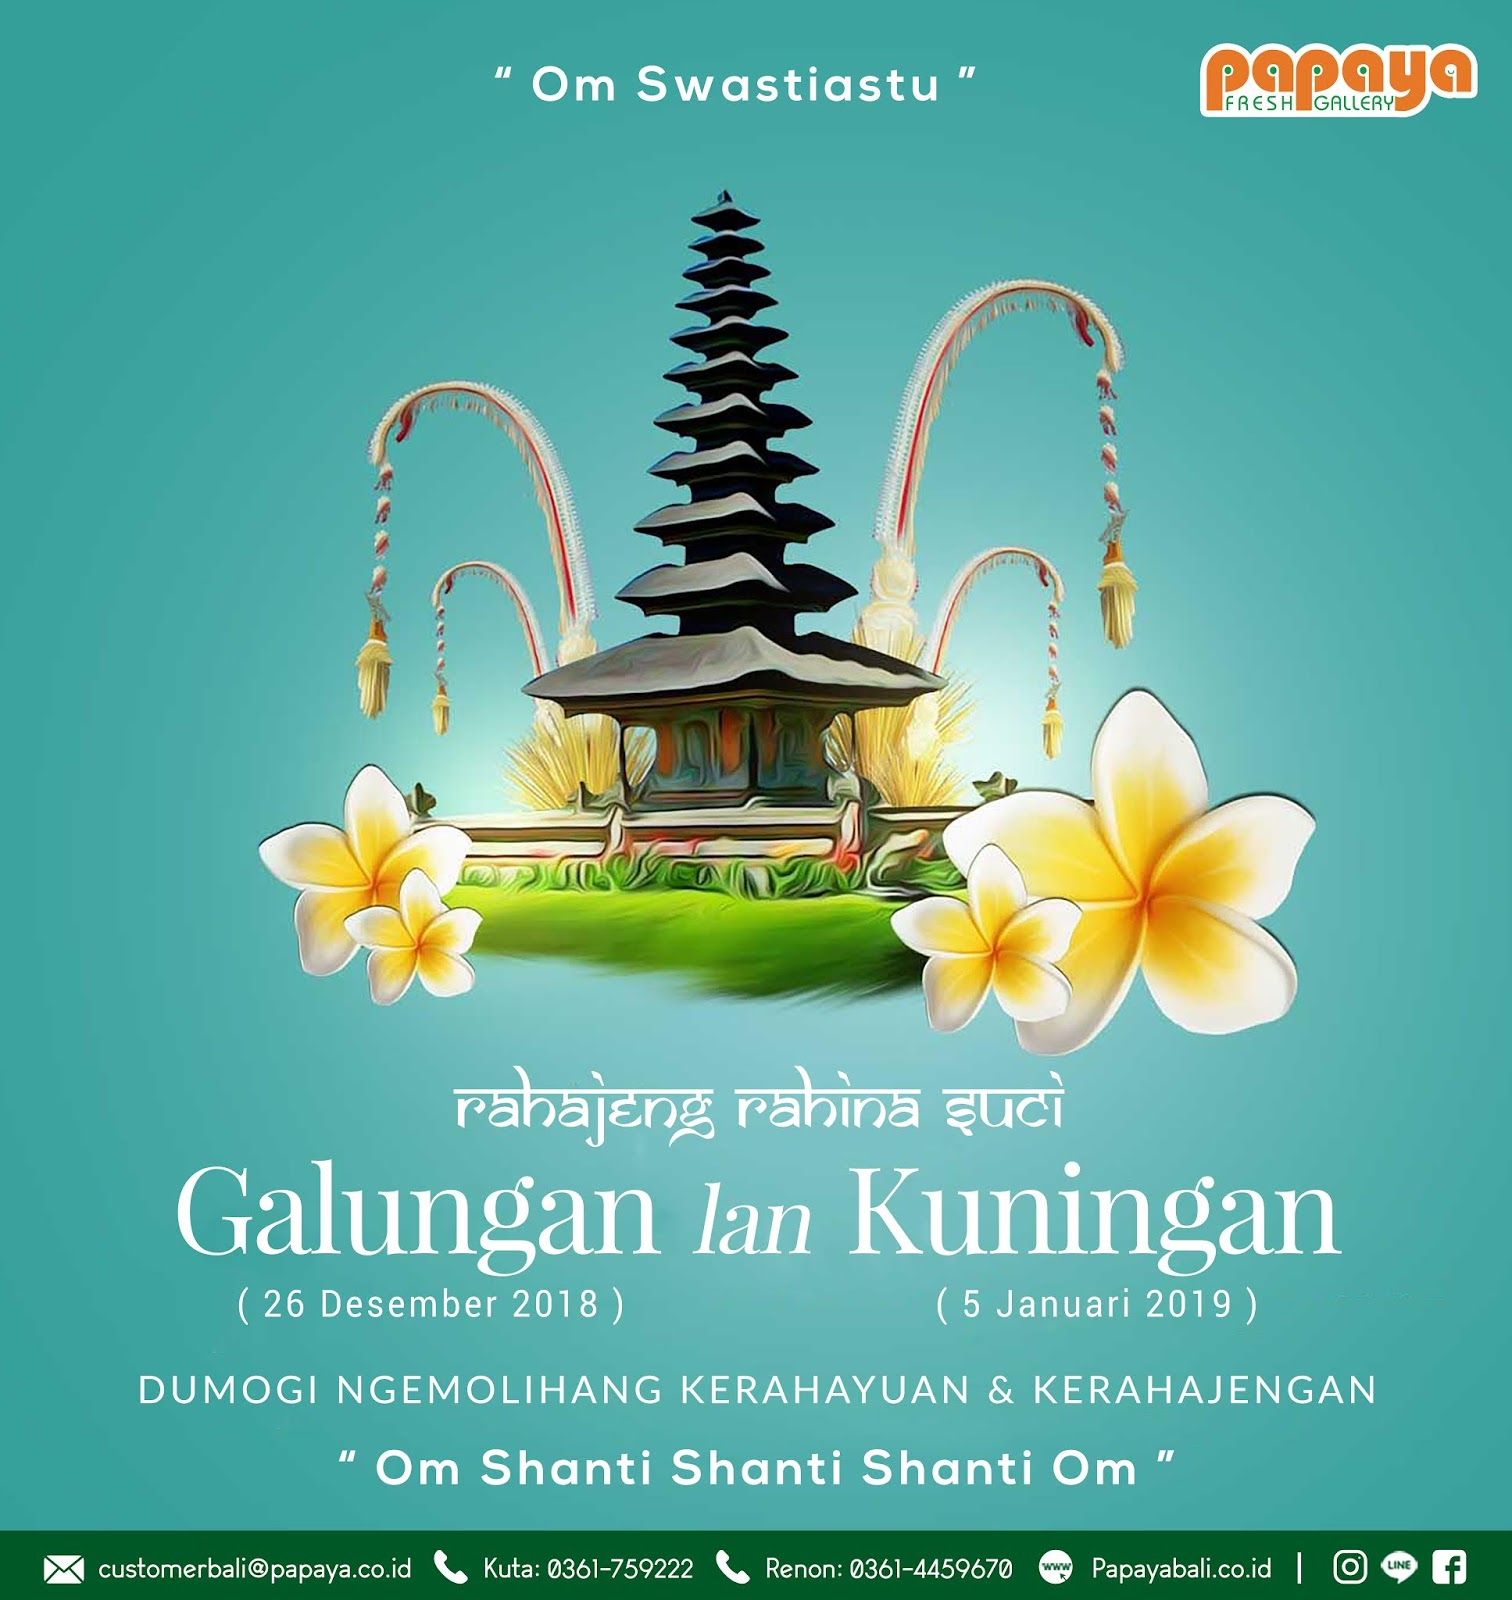 Selamat Hari Raya Galungan Dan Kuningan Papaya Fresh Gallery Bali